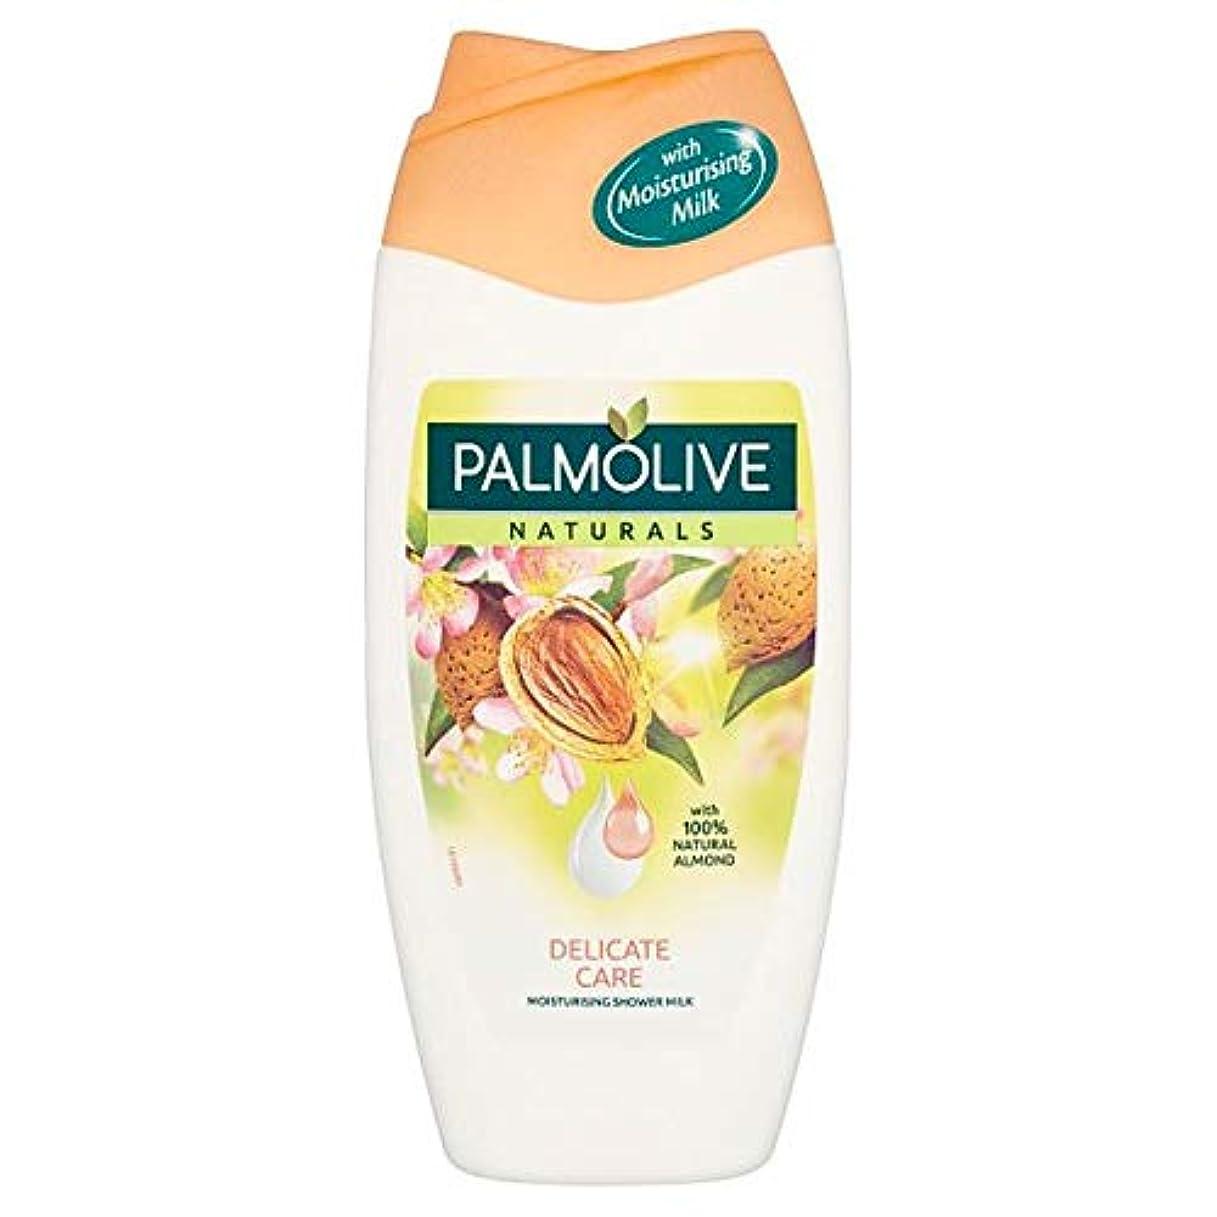 ヒール迷信チロ[Palmolive] Palmolive社ナチュラルズは、シャワージェル250ミリリットルアーモンド - Palmolive Naturals Almond Shower Gel 250Ml [並行輸入品]